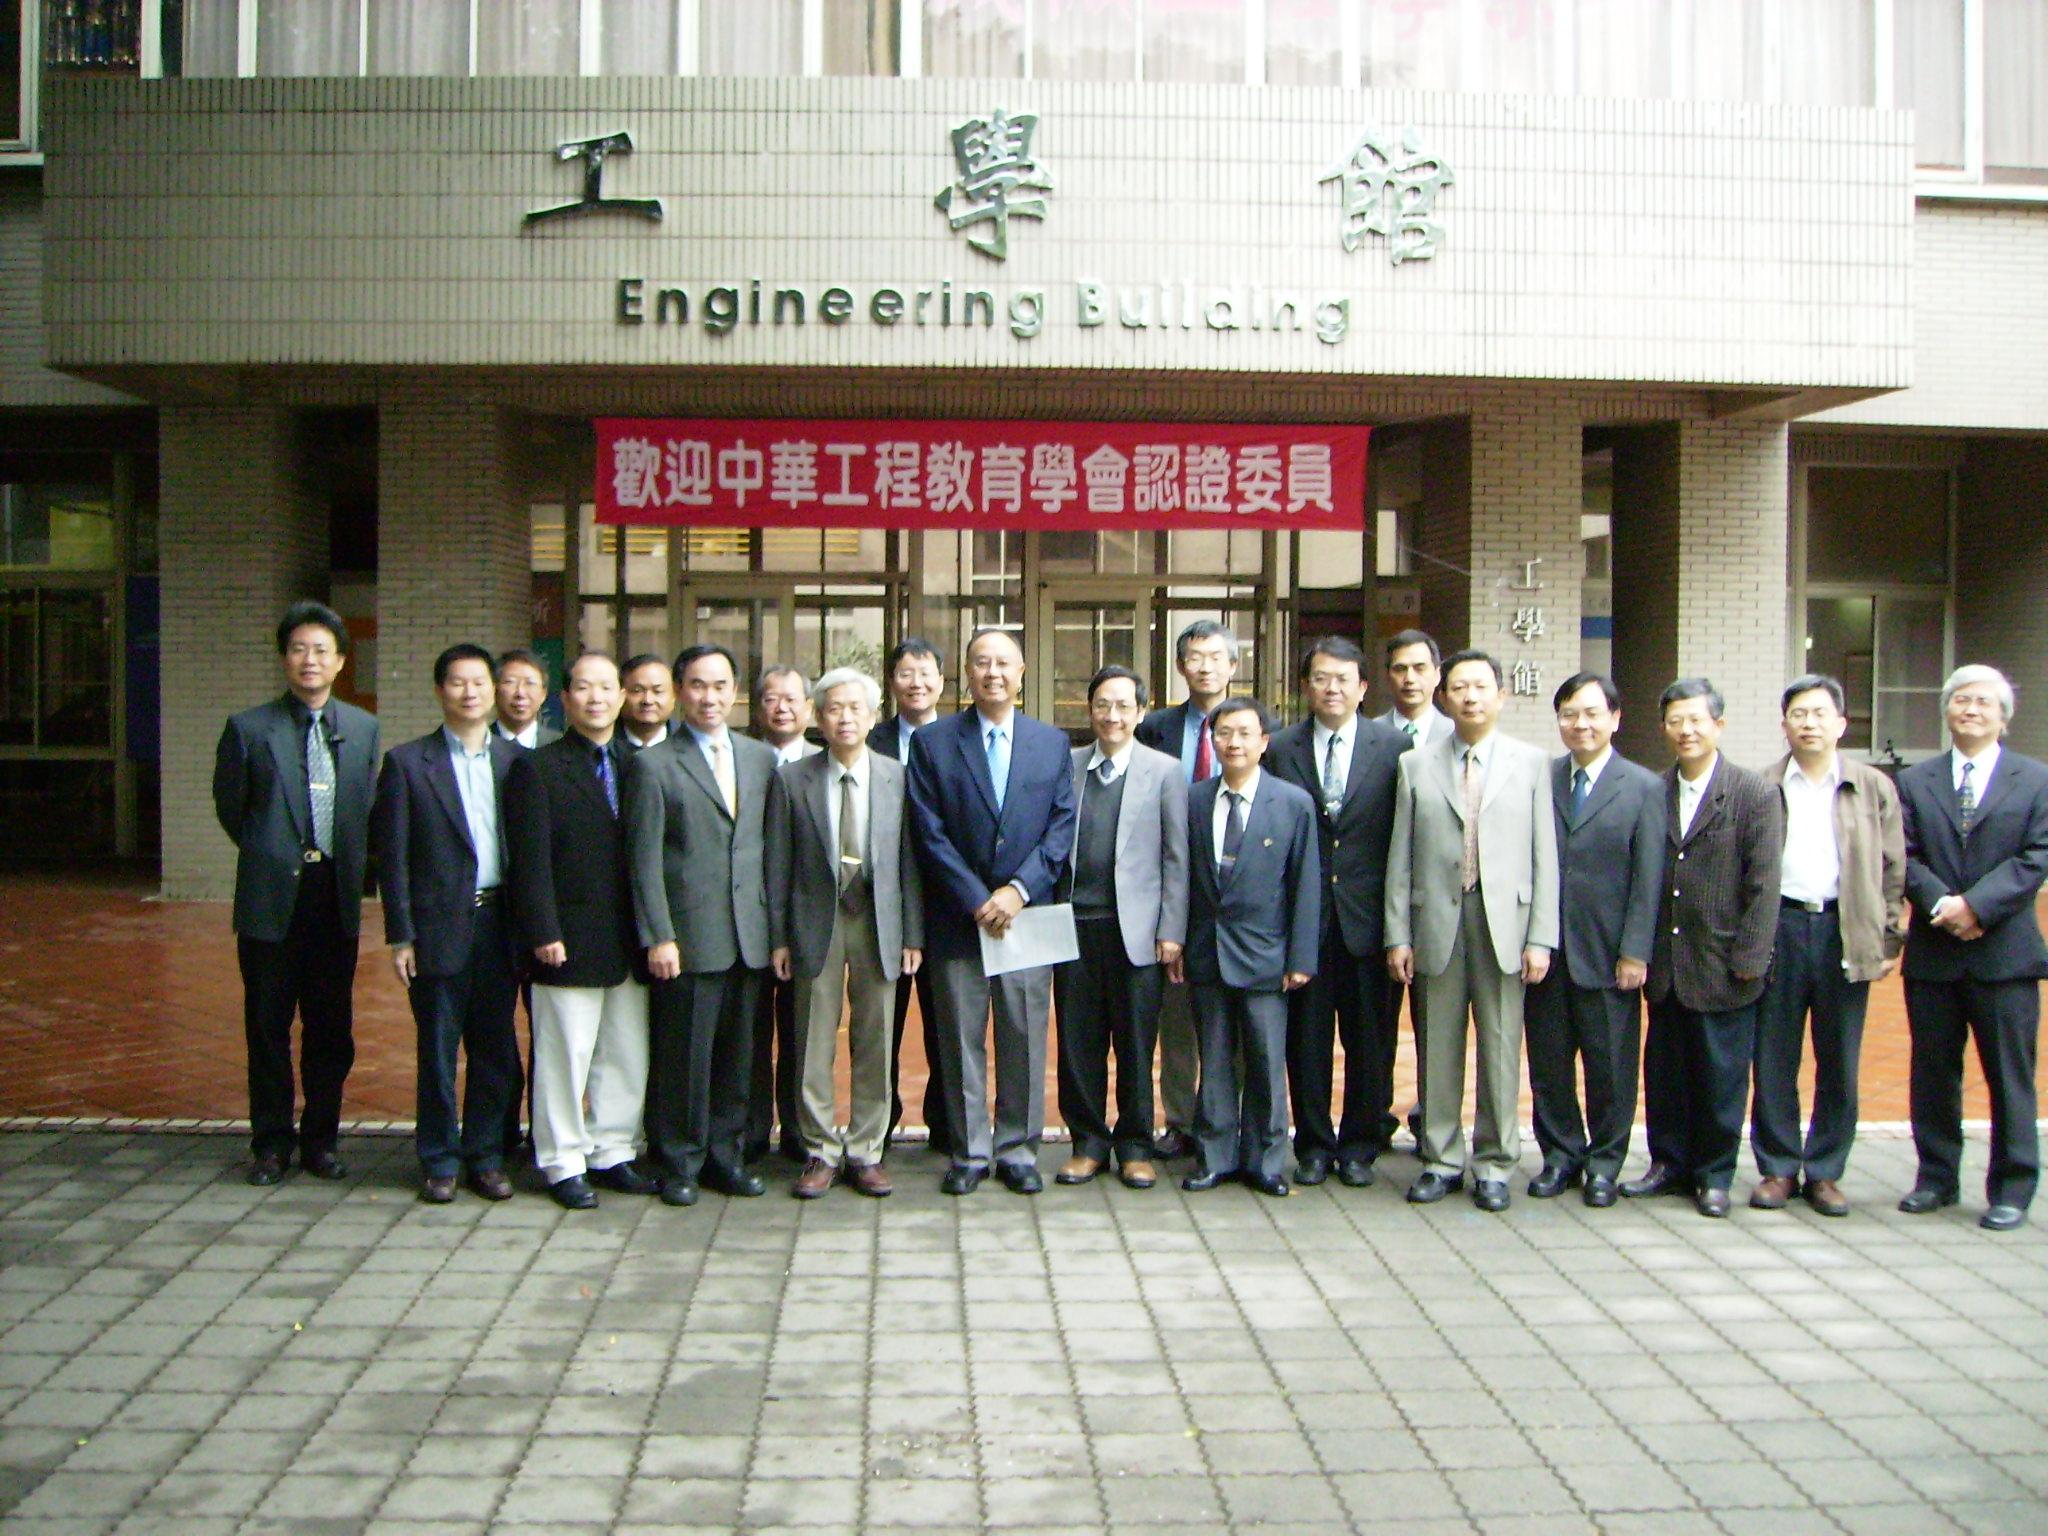 賀!中原大學工學院5學系、電資學院4學系全數通過IEET國際認證